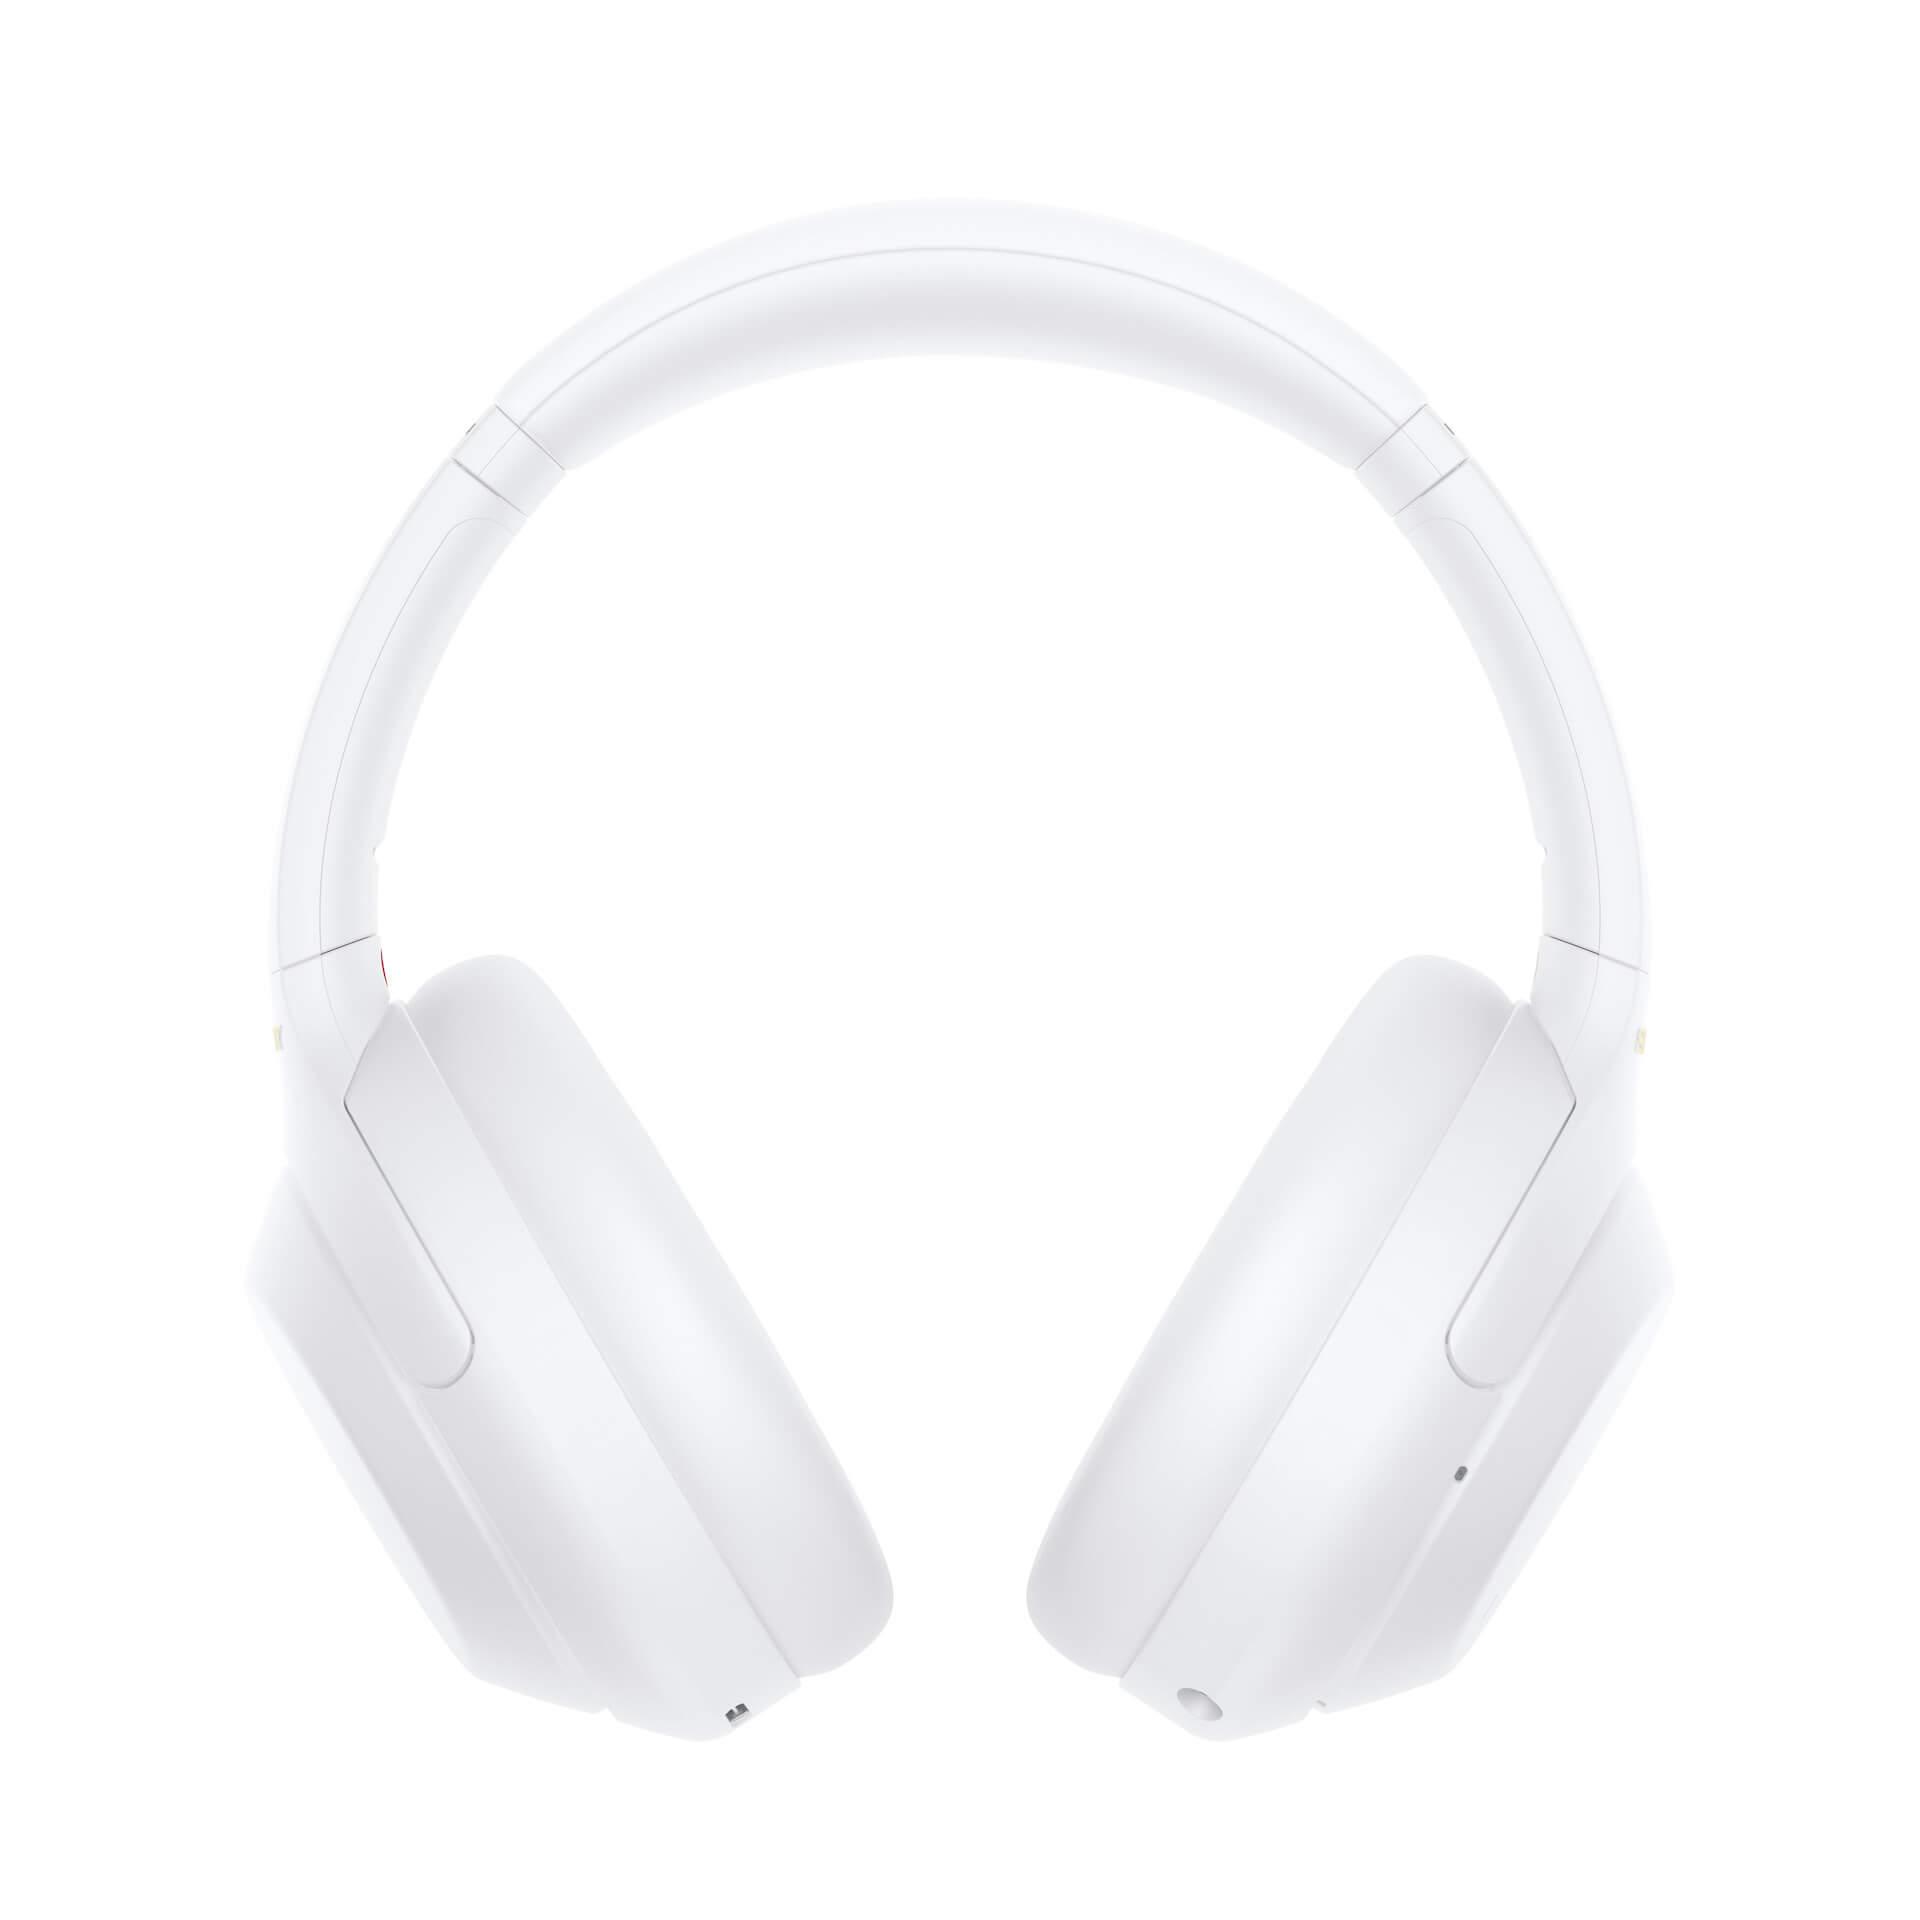 ソニーの大人気ノイズキャンセリングヘッドホン『WH-1000XM4』に限定カラーのサイレントホワイトが登場!LiSAを起用したKVも公開 tech210420_sony_headphone_9